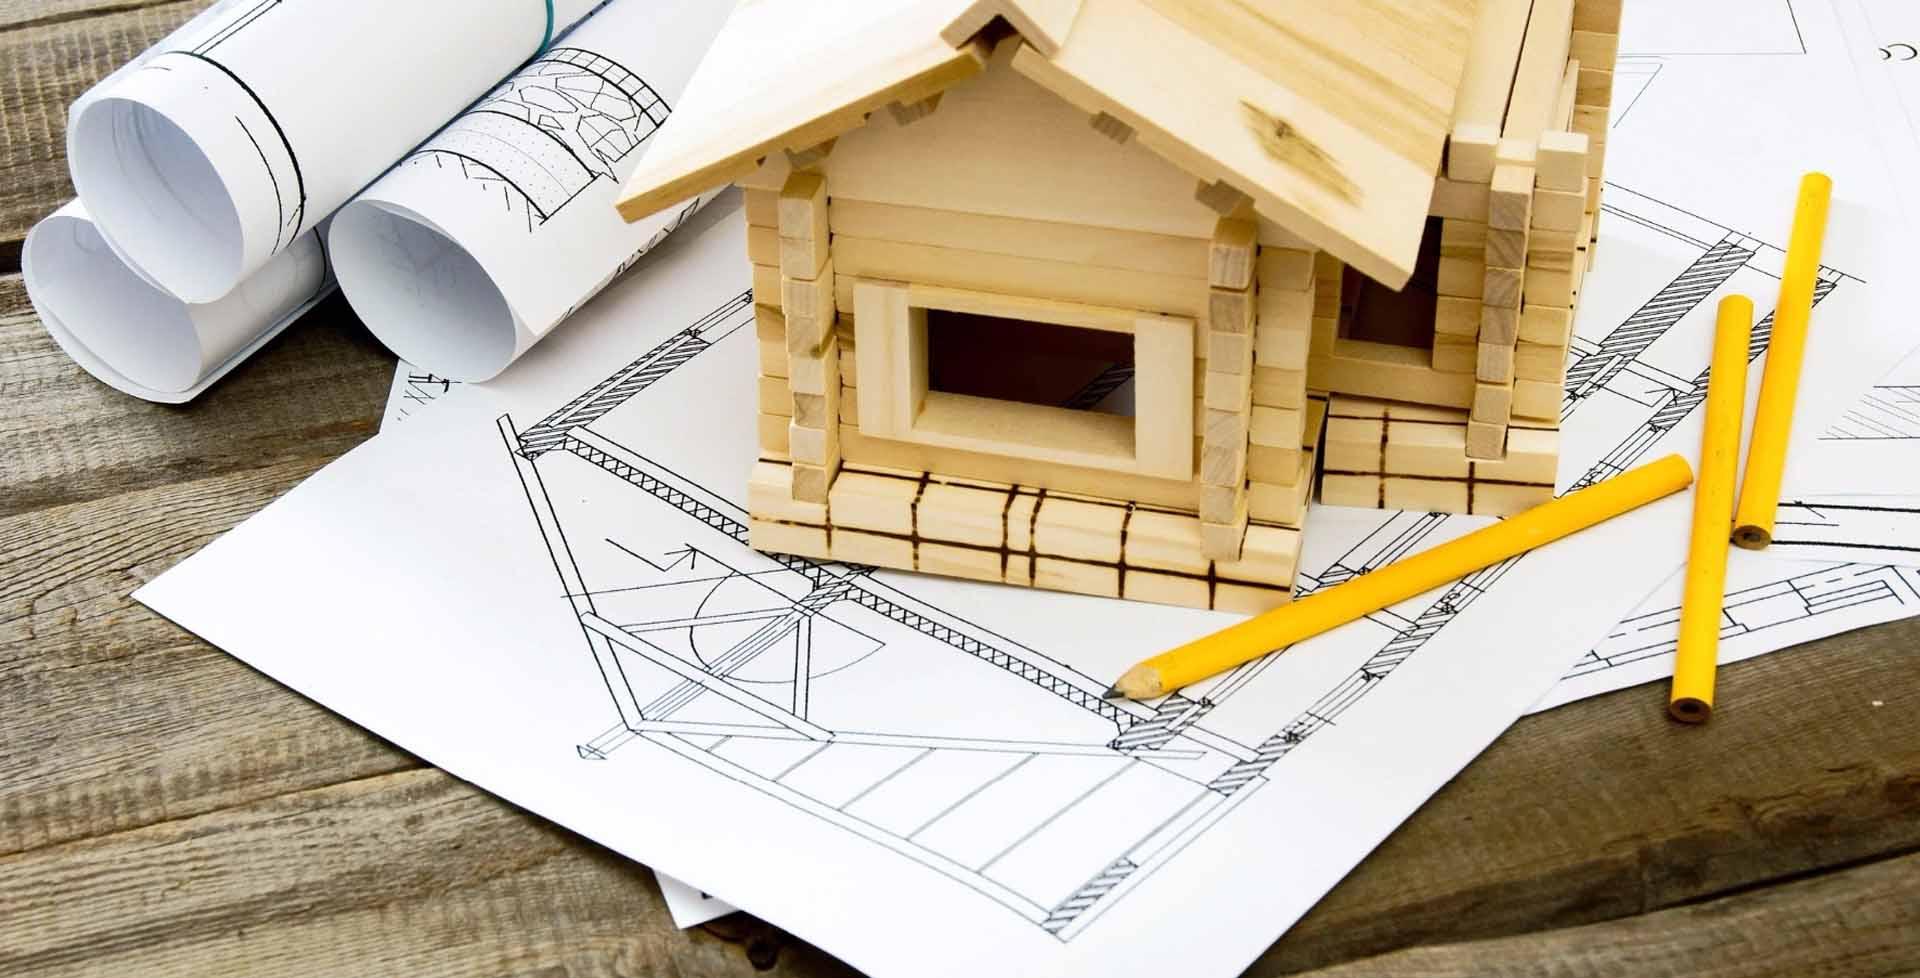 Вуд-Инжиниринг: Проектирование деревянных домов [Киевская область]